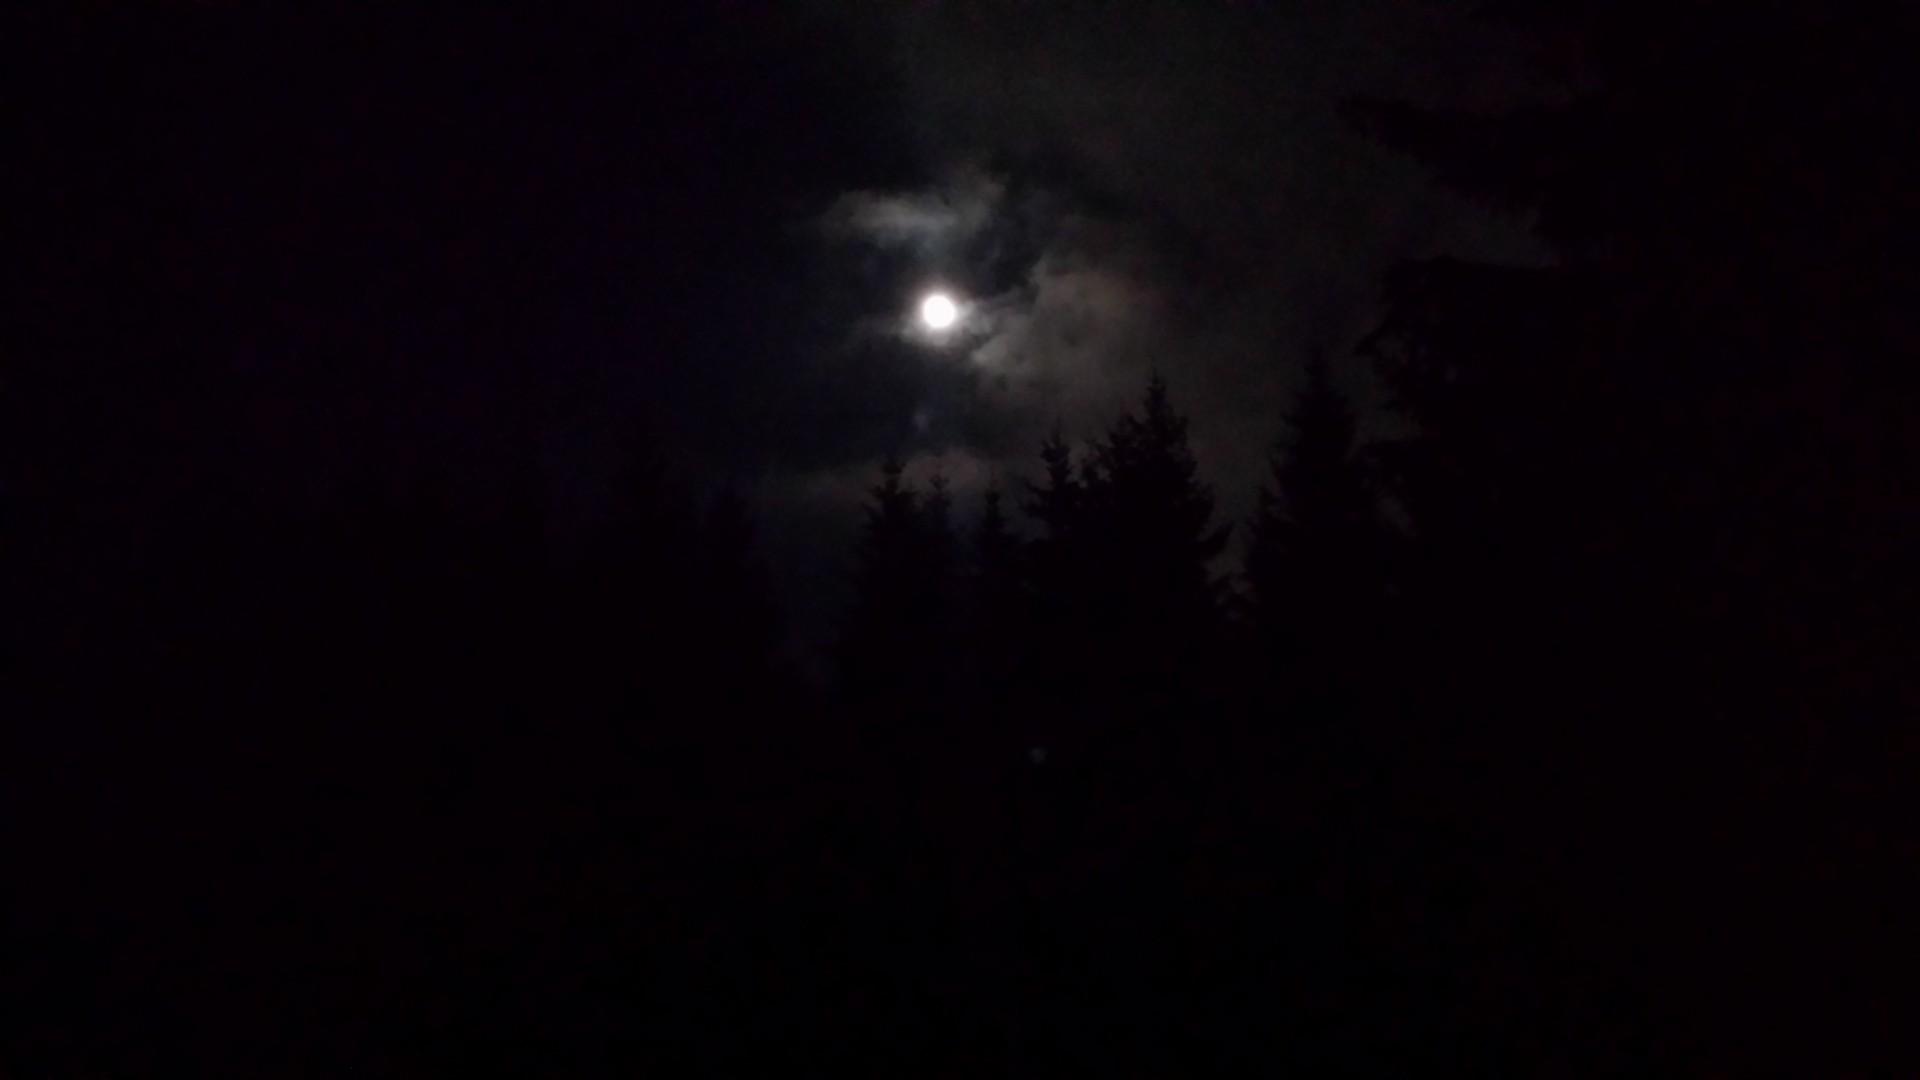 Při pobytu ve tmě krásně svítí Měsíc